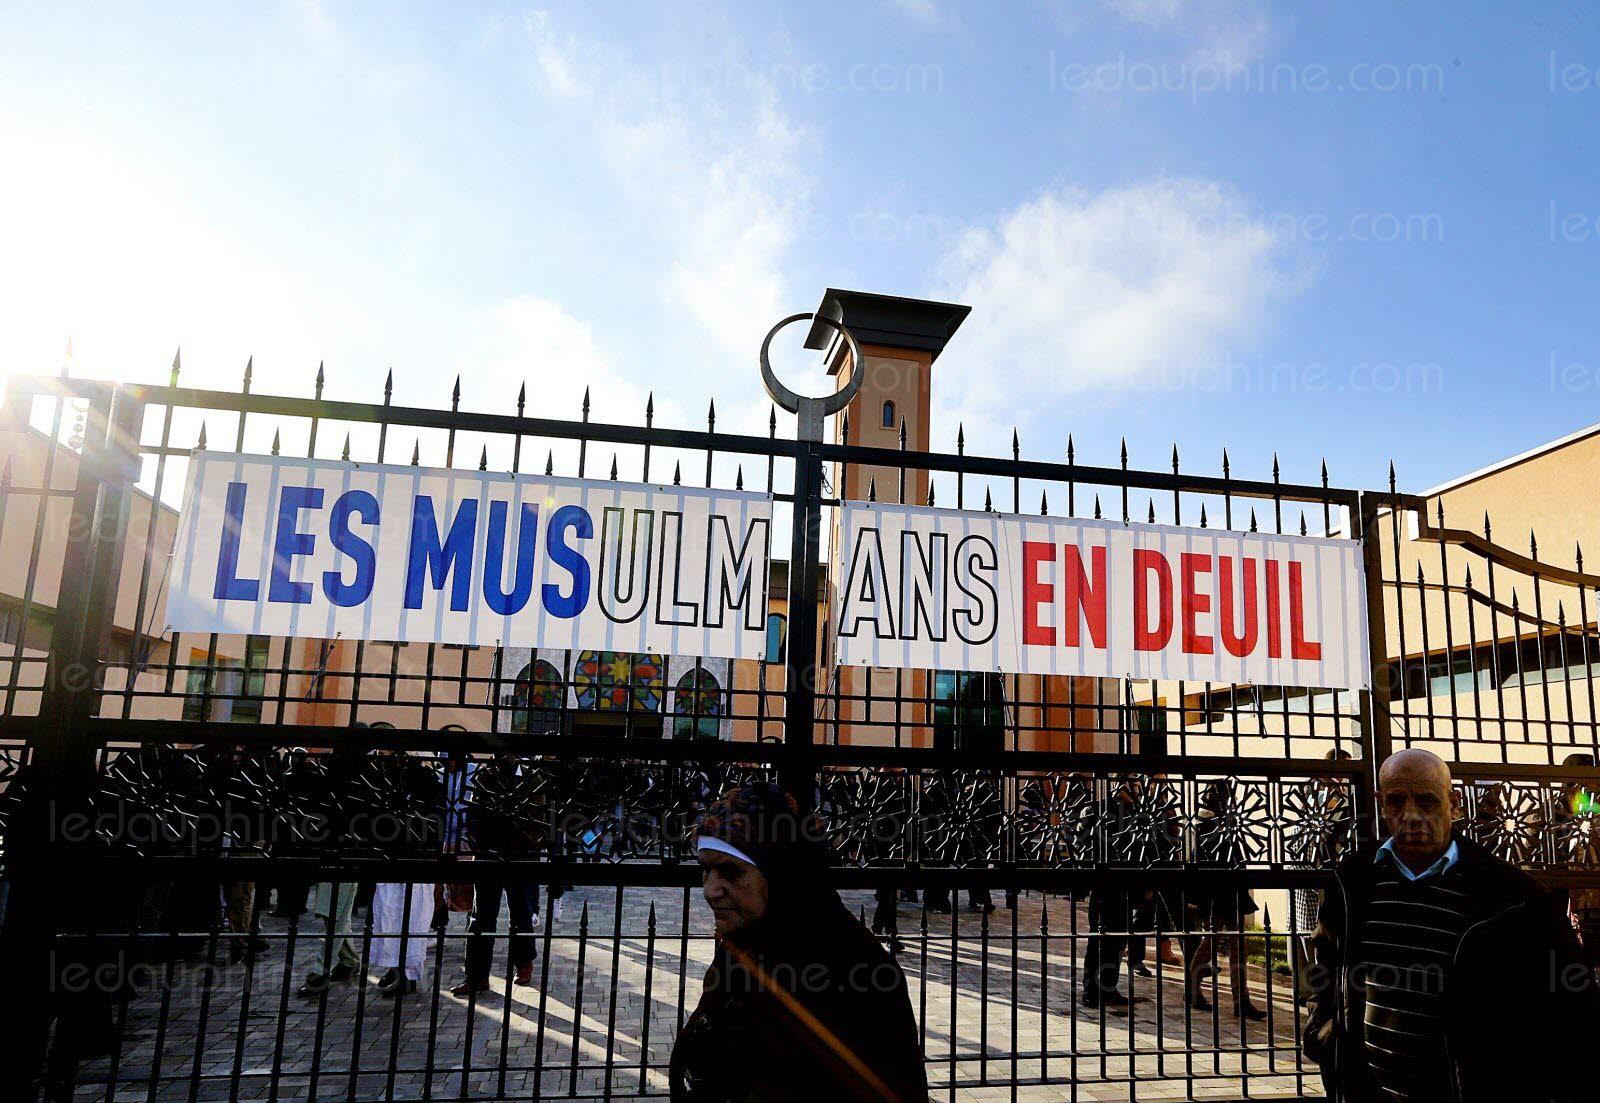 Французские мусульмане опубликовали «гражданский манифест»